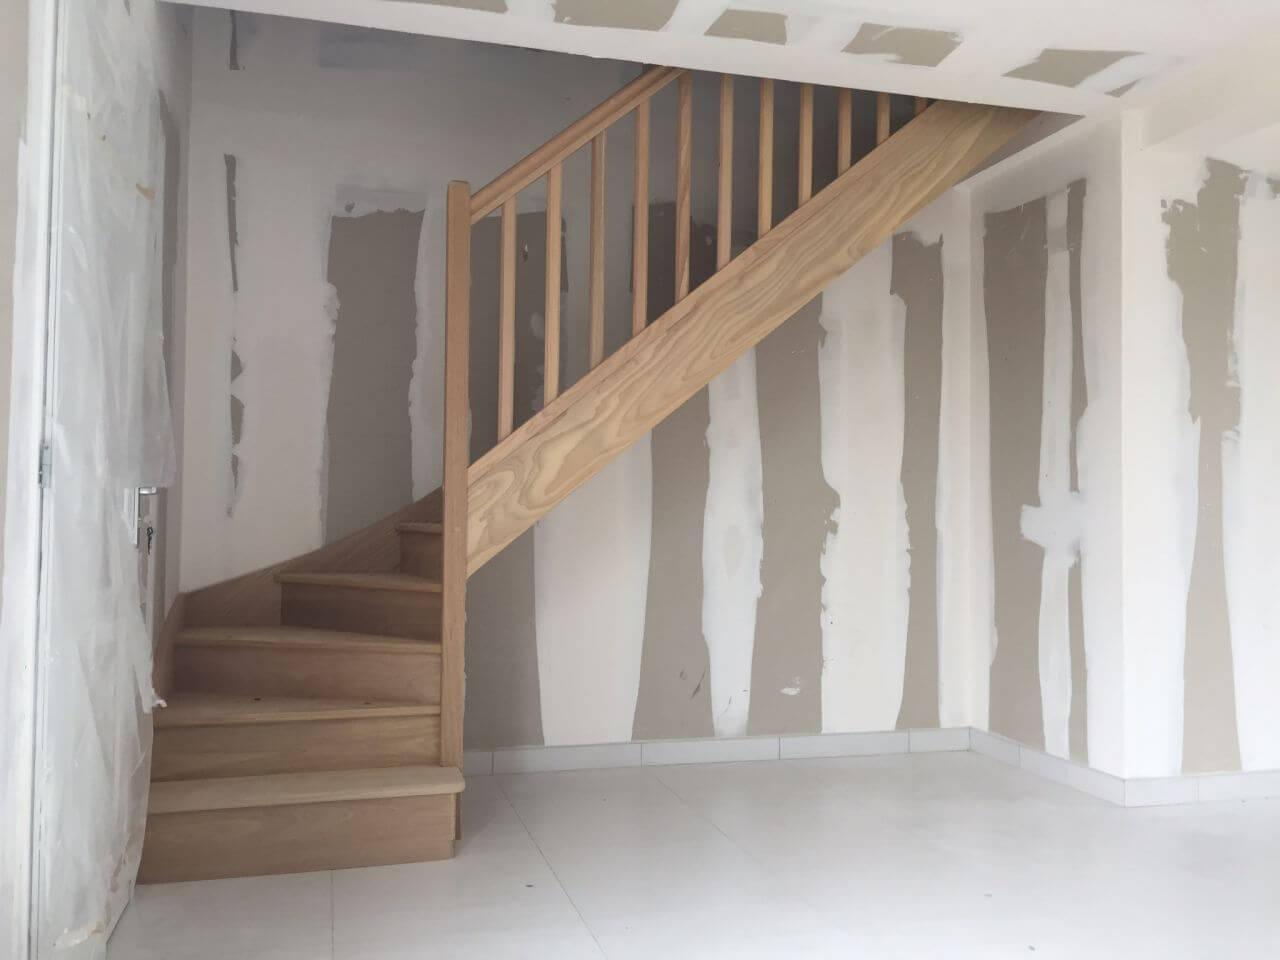 photos de escaliers en bois pro escalier com. Black Bedroom Furniture Sets. Home Design Ideas